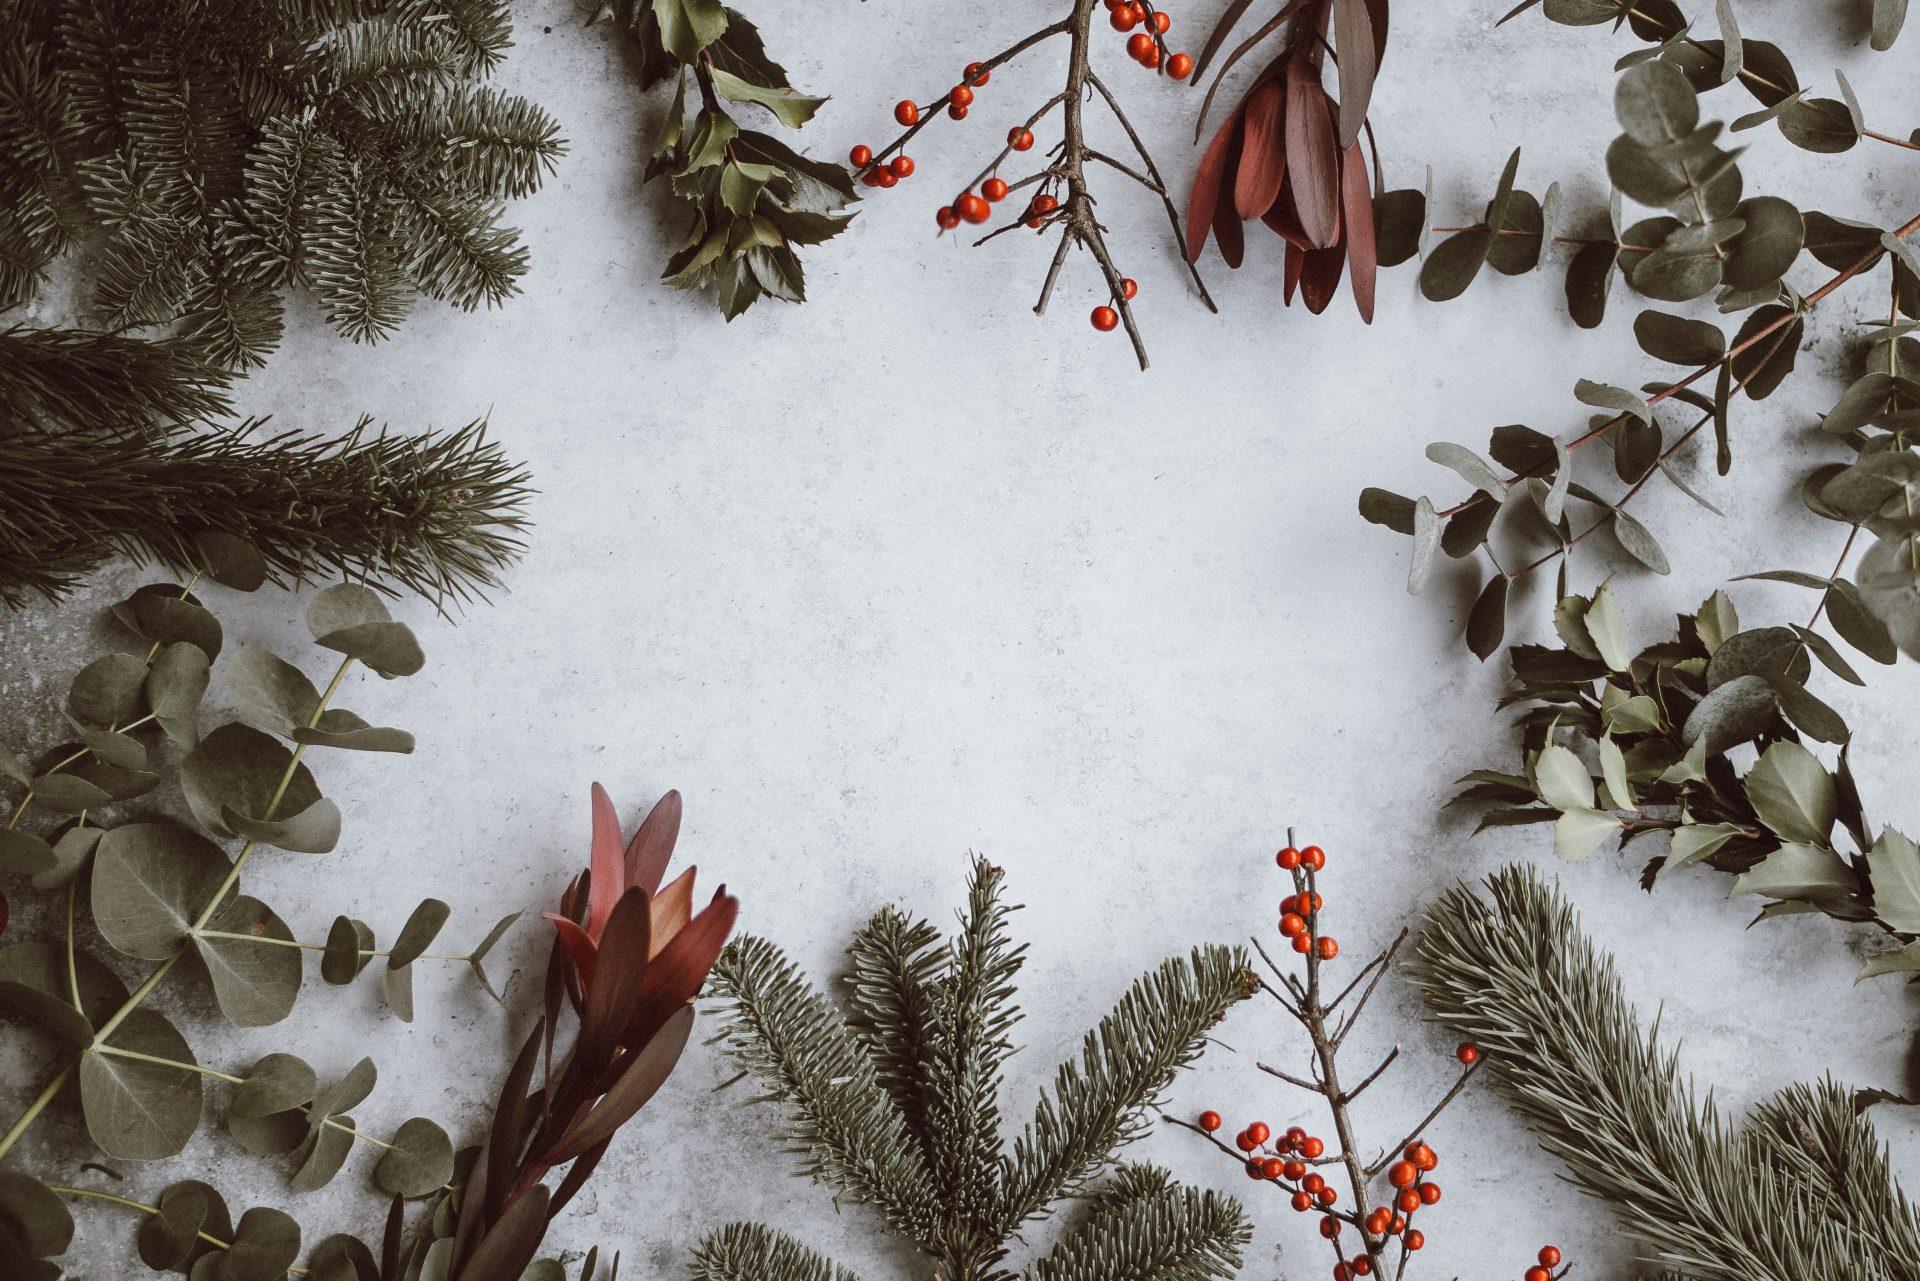 Alle Jahre wieder... Lieder, Geschichten und Gedichte  zur Weihnachtszeit